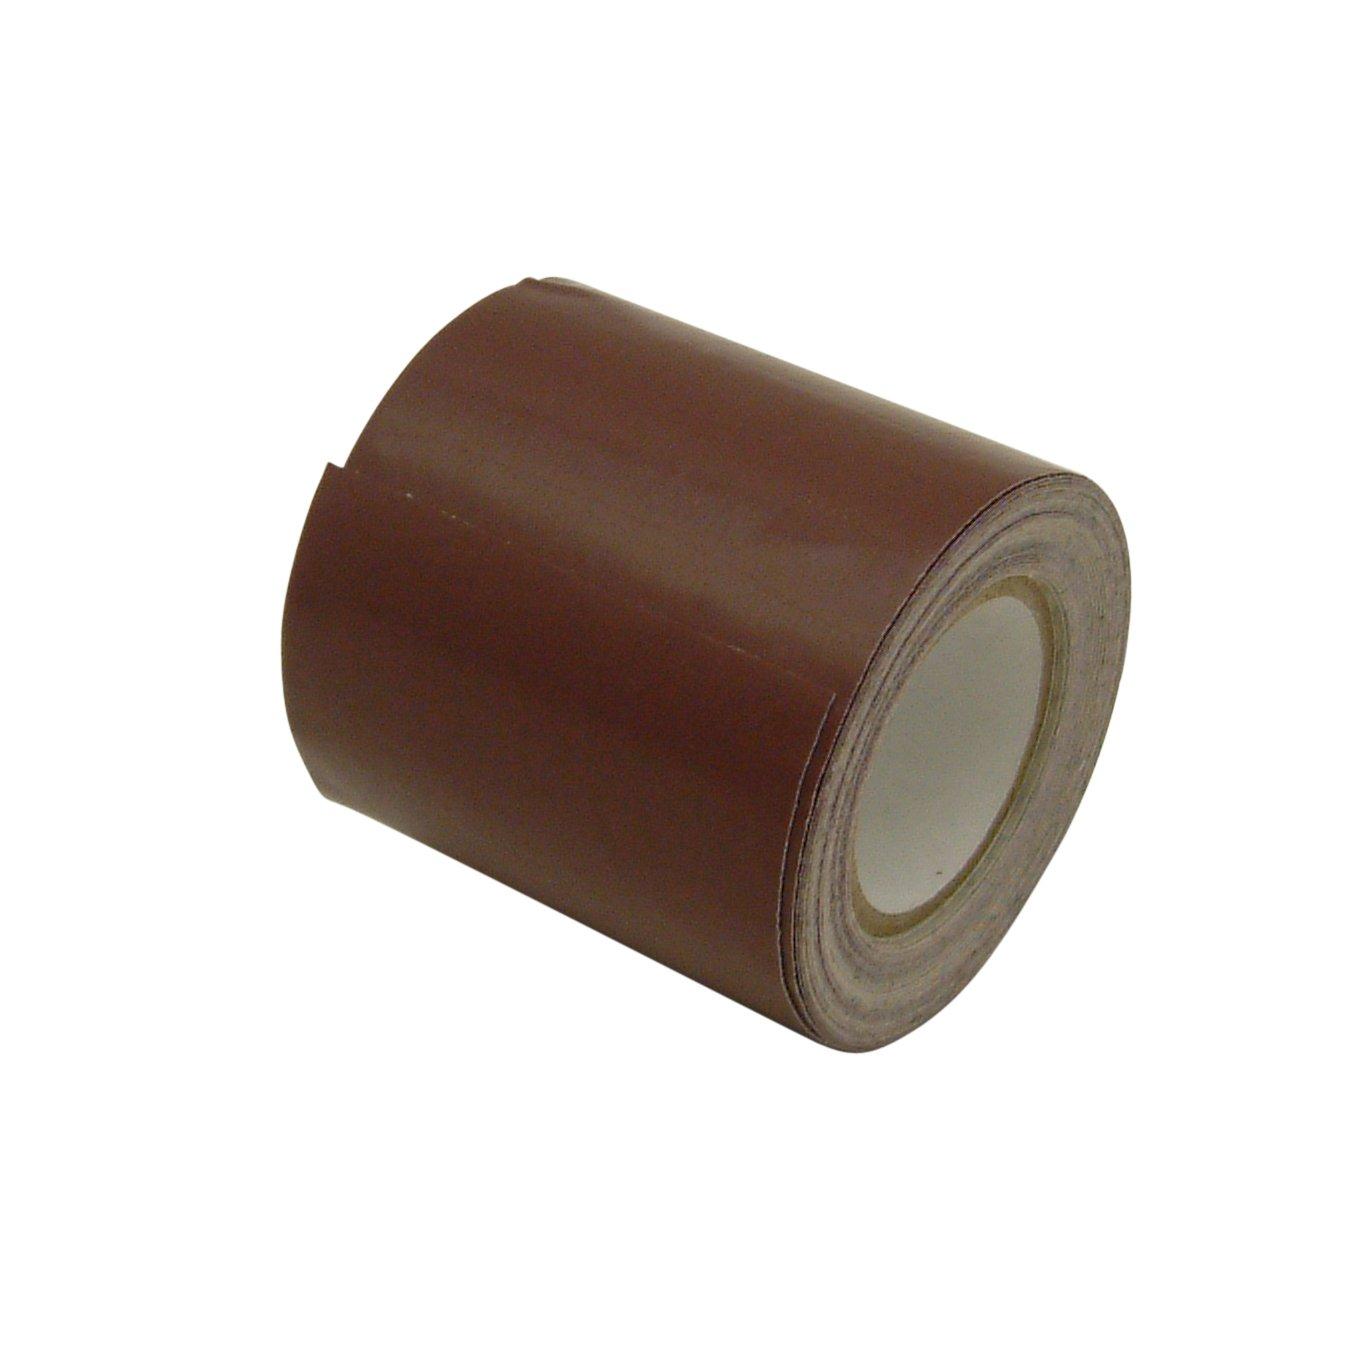 Jvcc repair-2hd Leather /& vinyl Repair tape nero